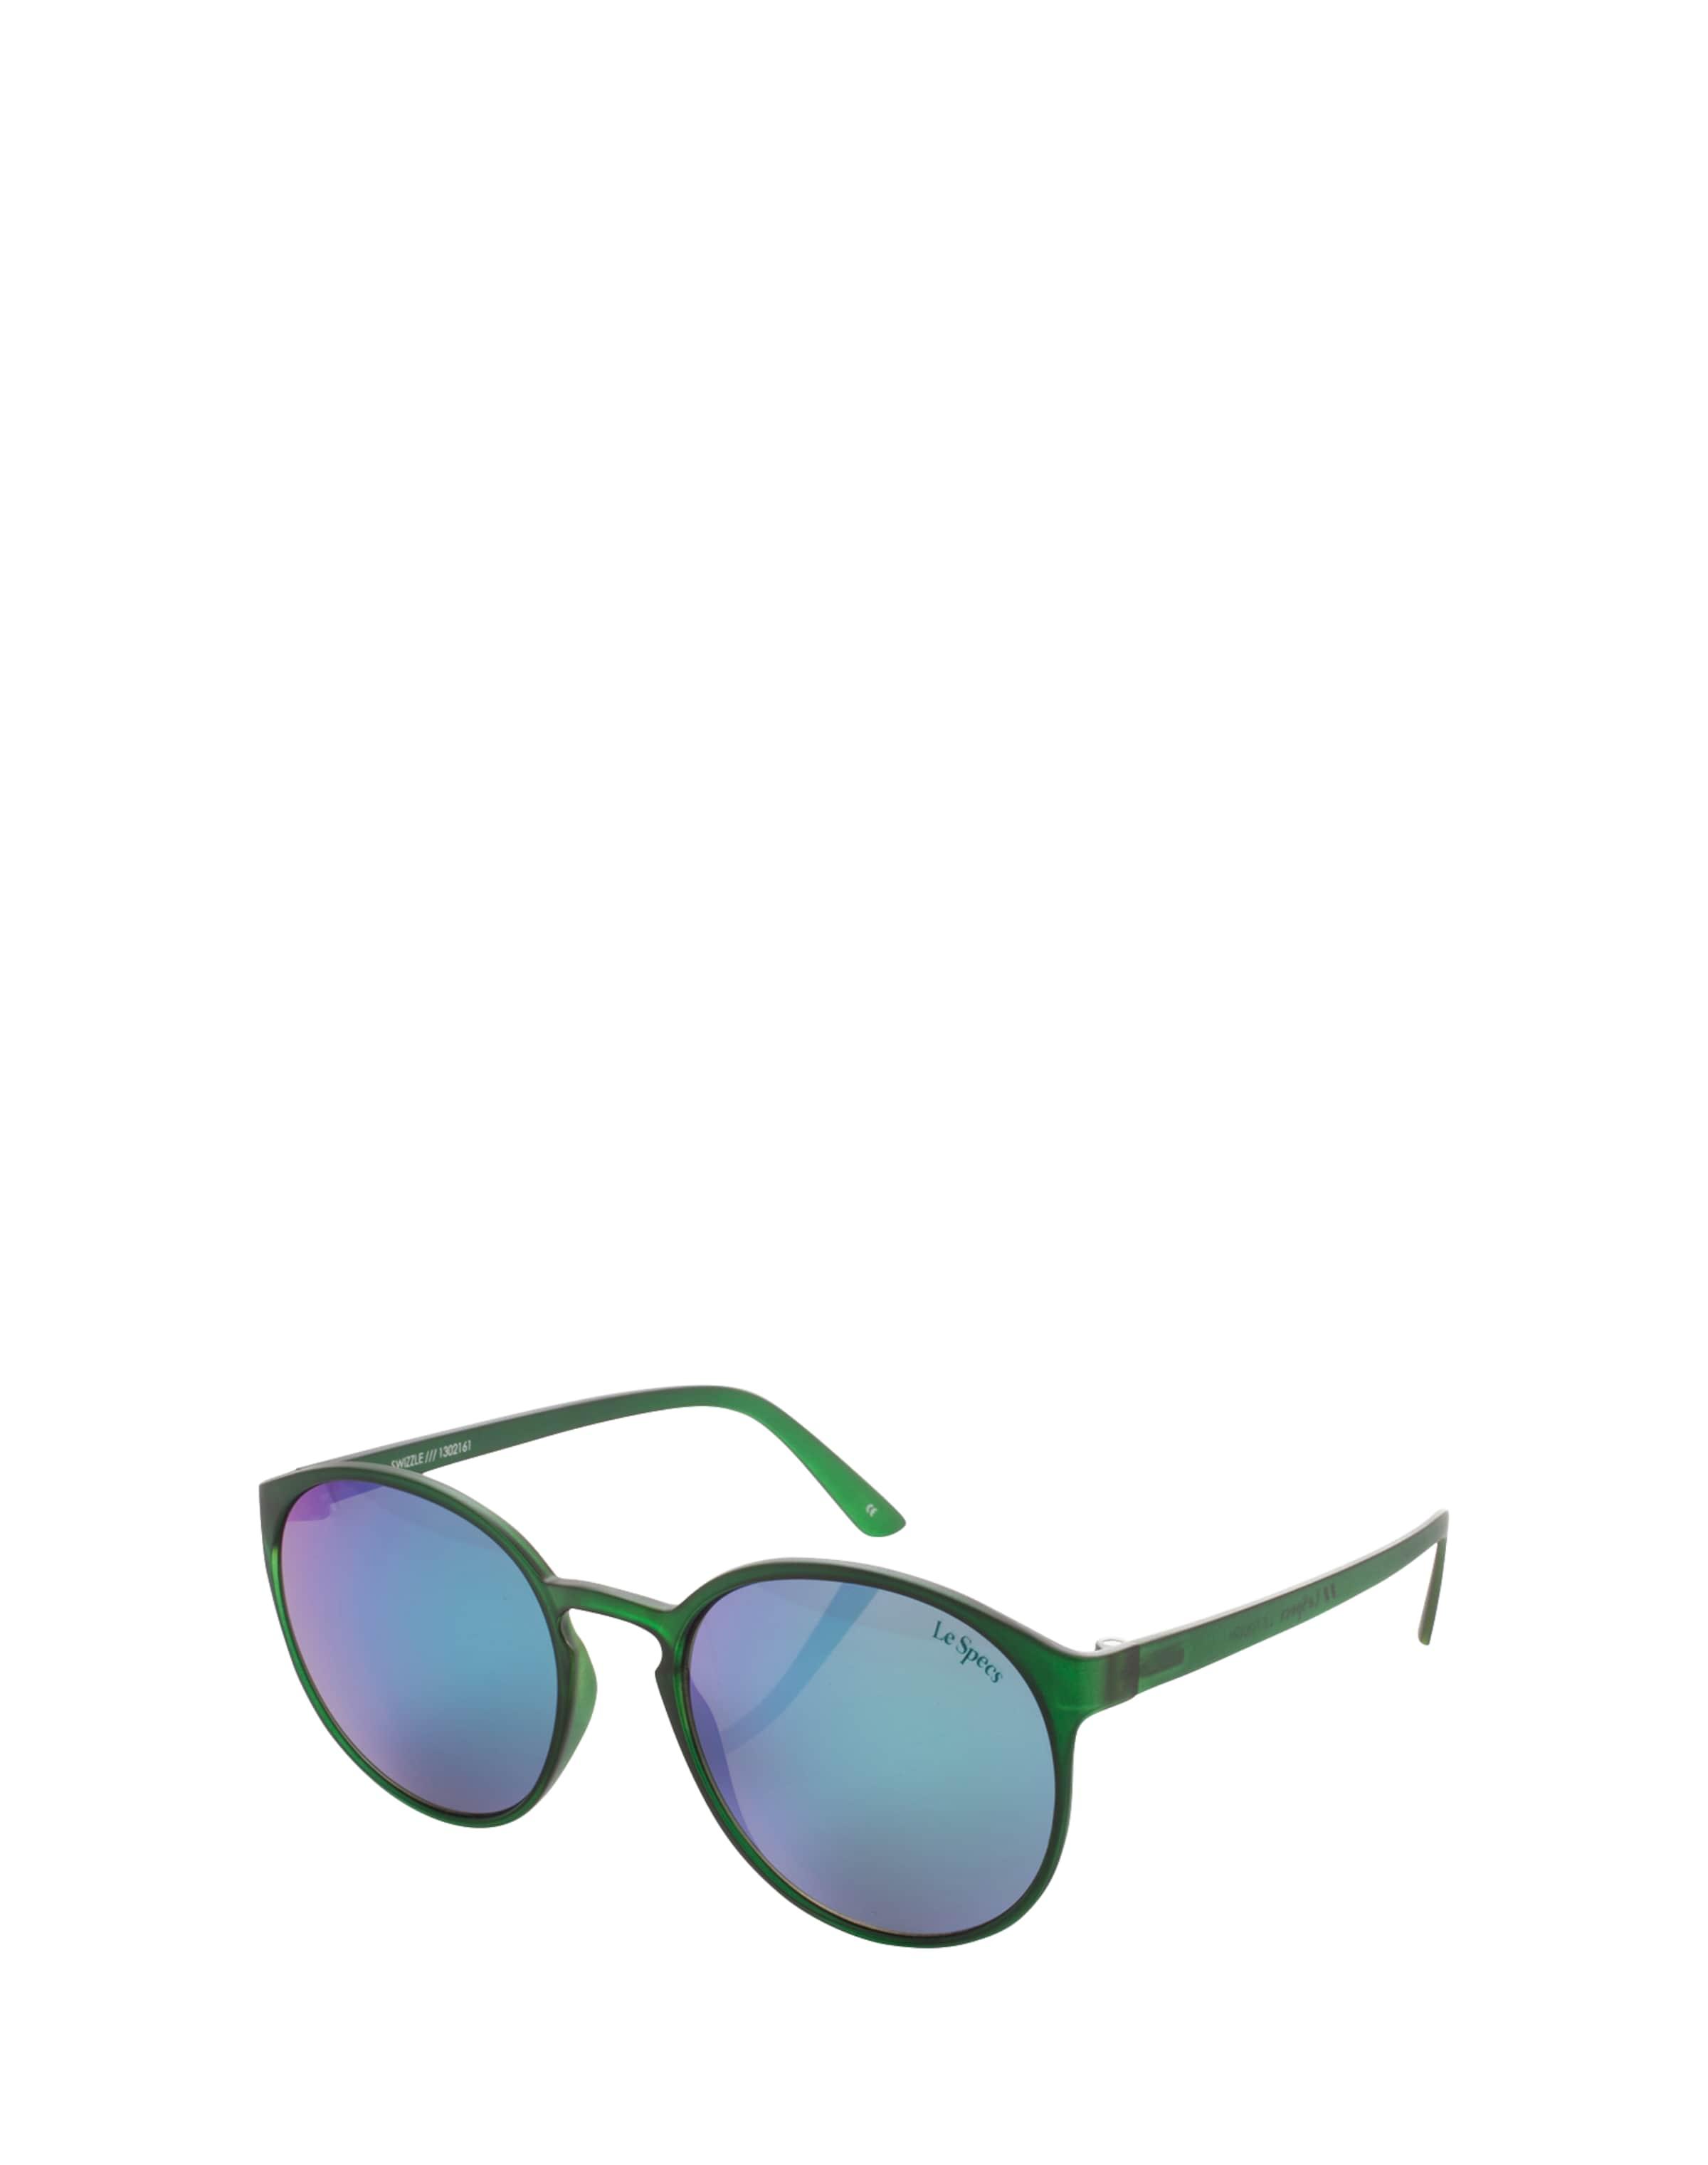 LE SPECS Verspiegelte Sonnenbrille 'Swizzle' Neuester Günstiger Preis Outlet Beste Geschäft Zu Bekommen Günstig Kosten Großhandel Online Sp04emz